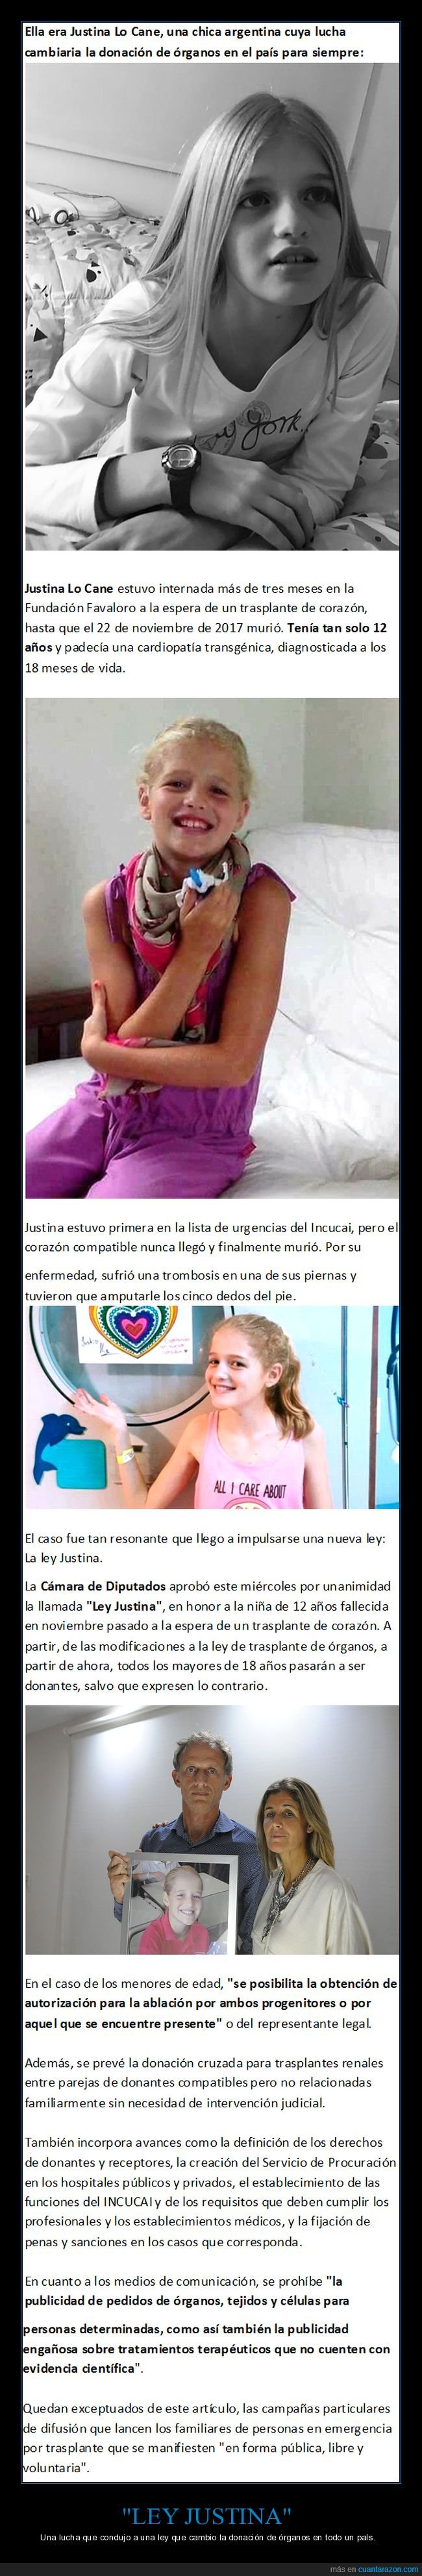 argentina,donación,justina lo cane,ley,órganos